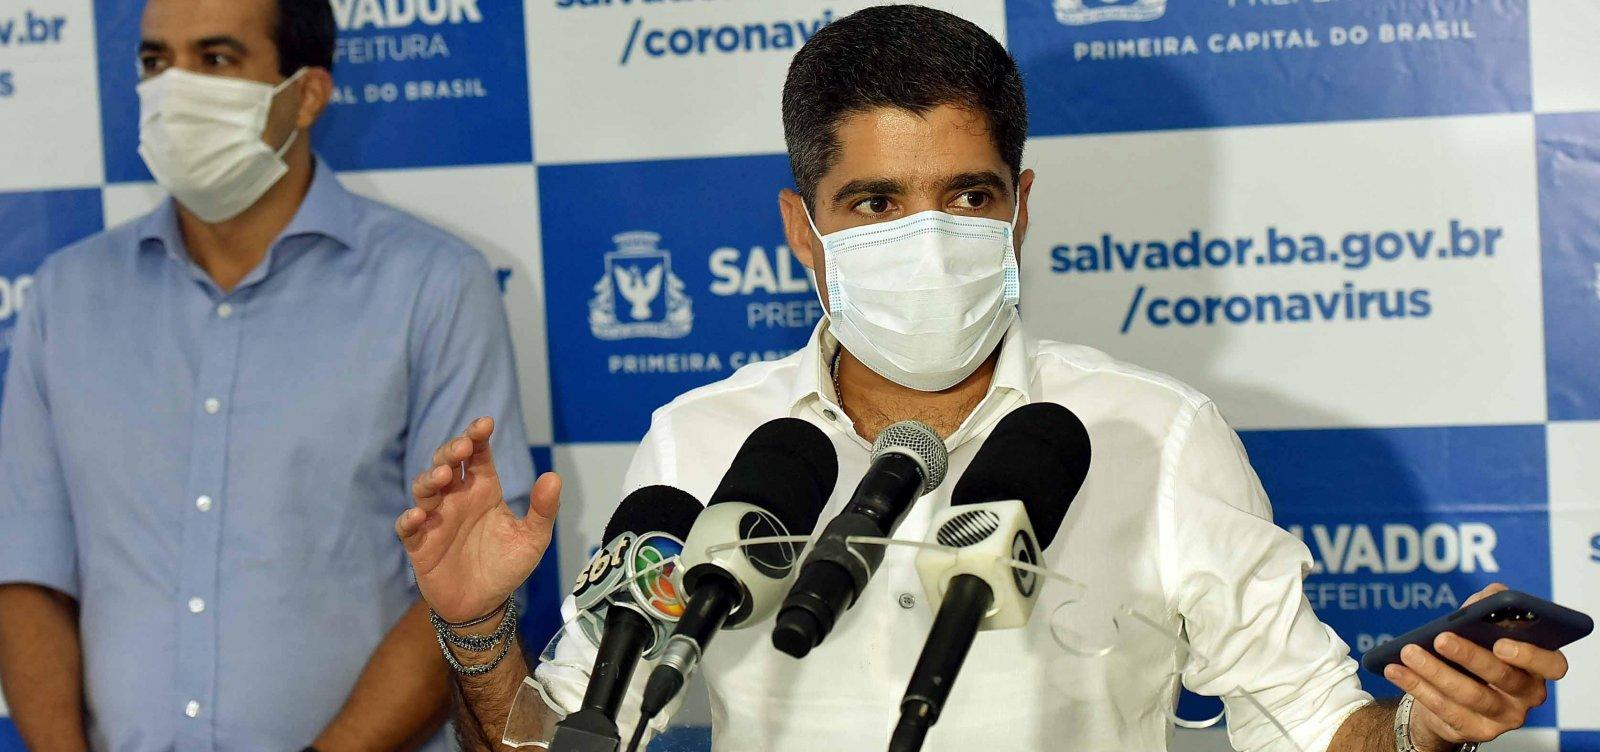 [Prefeito de Salvador diz que decreto de Bolsonaro 'não vale de nada']